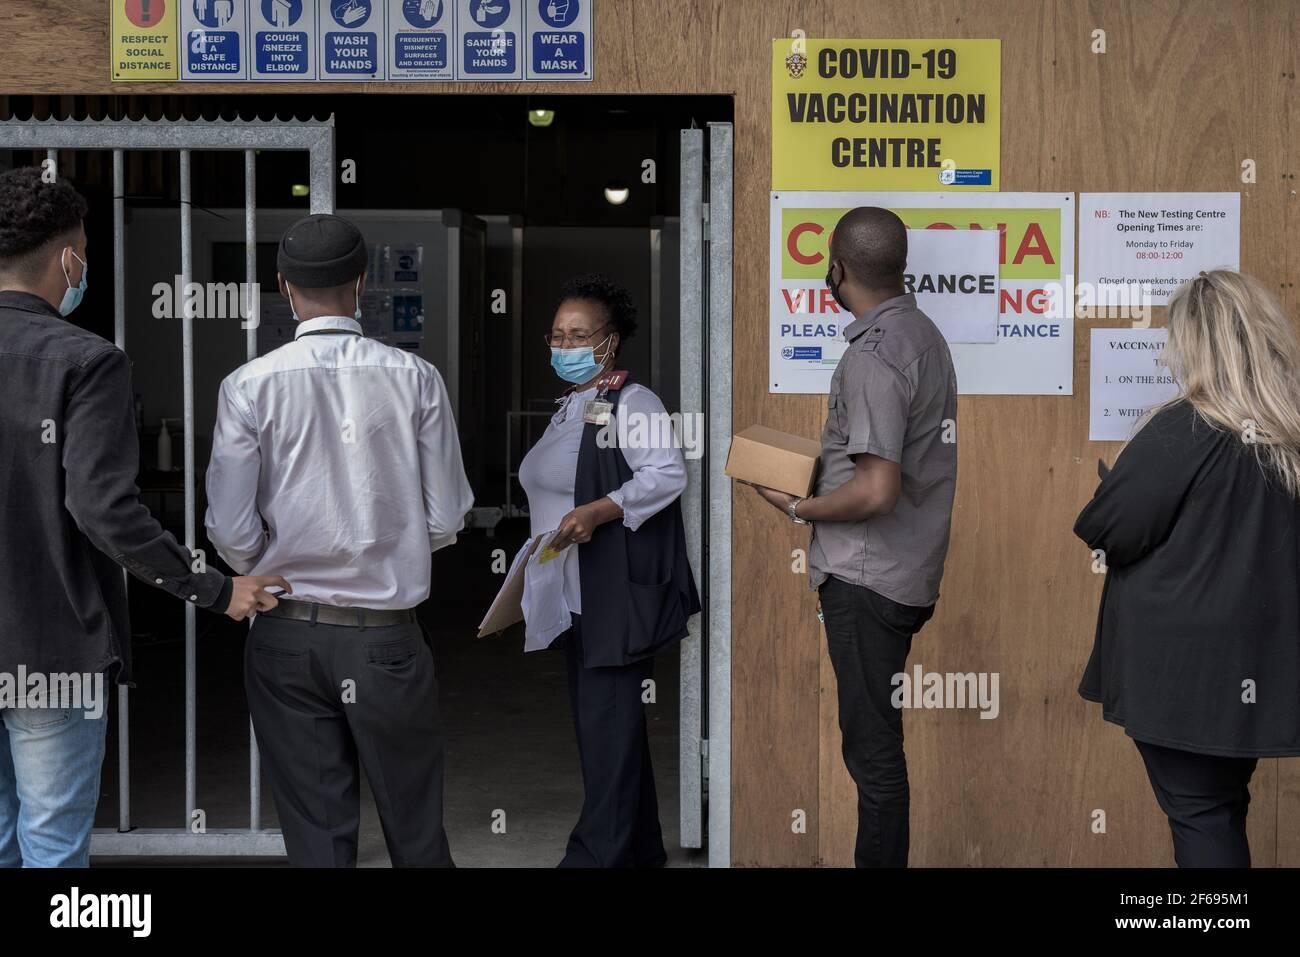 Arrivano gli operatori sanitari dell'ospedale Groote Schuur di Città del Capo Per vaccinazioni con il vaccino Johnson & Johnson COVID-19 Foto Stock